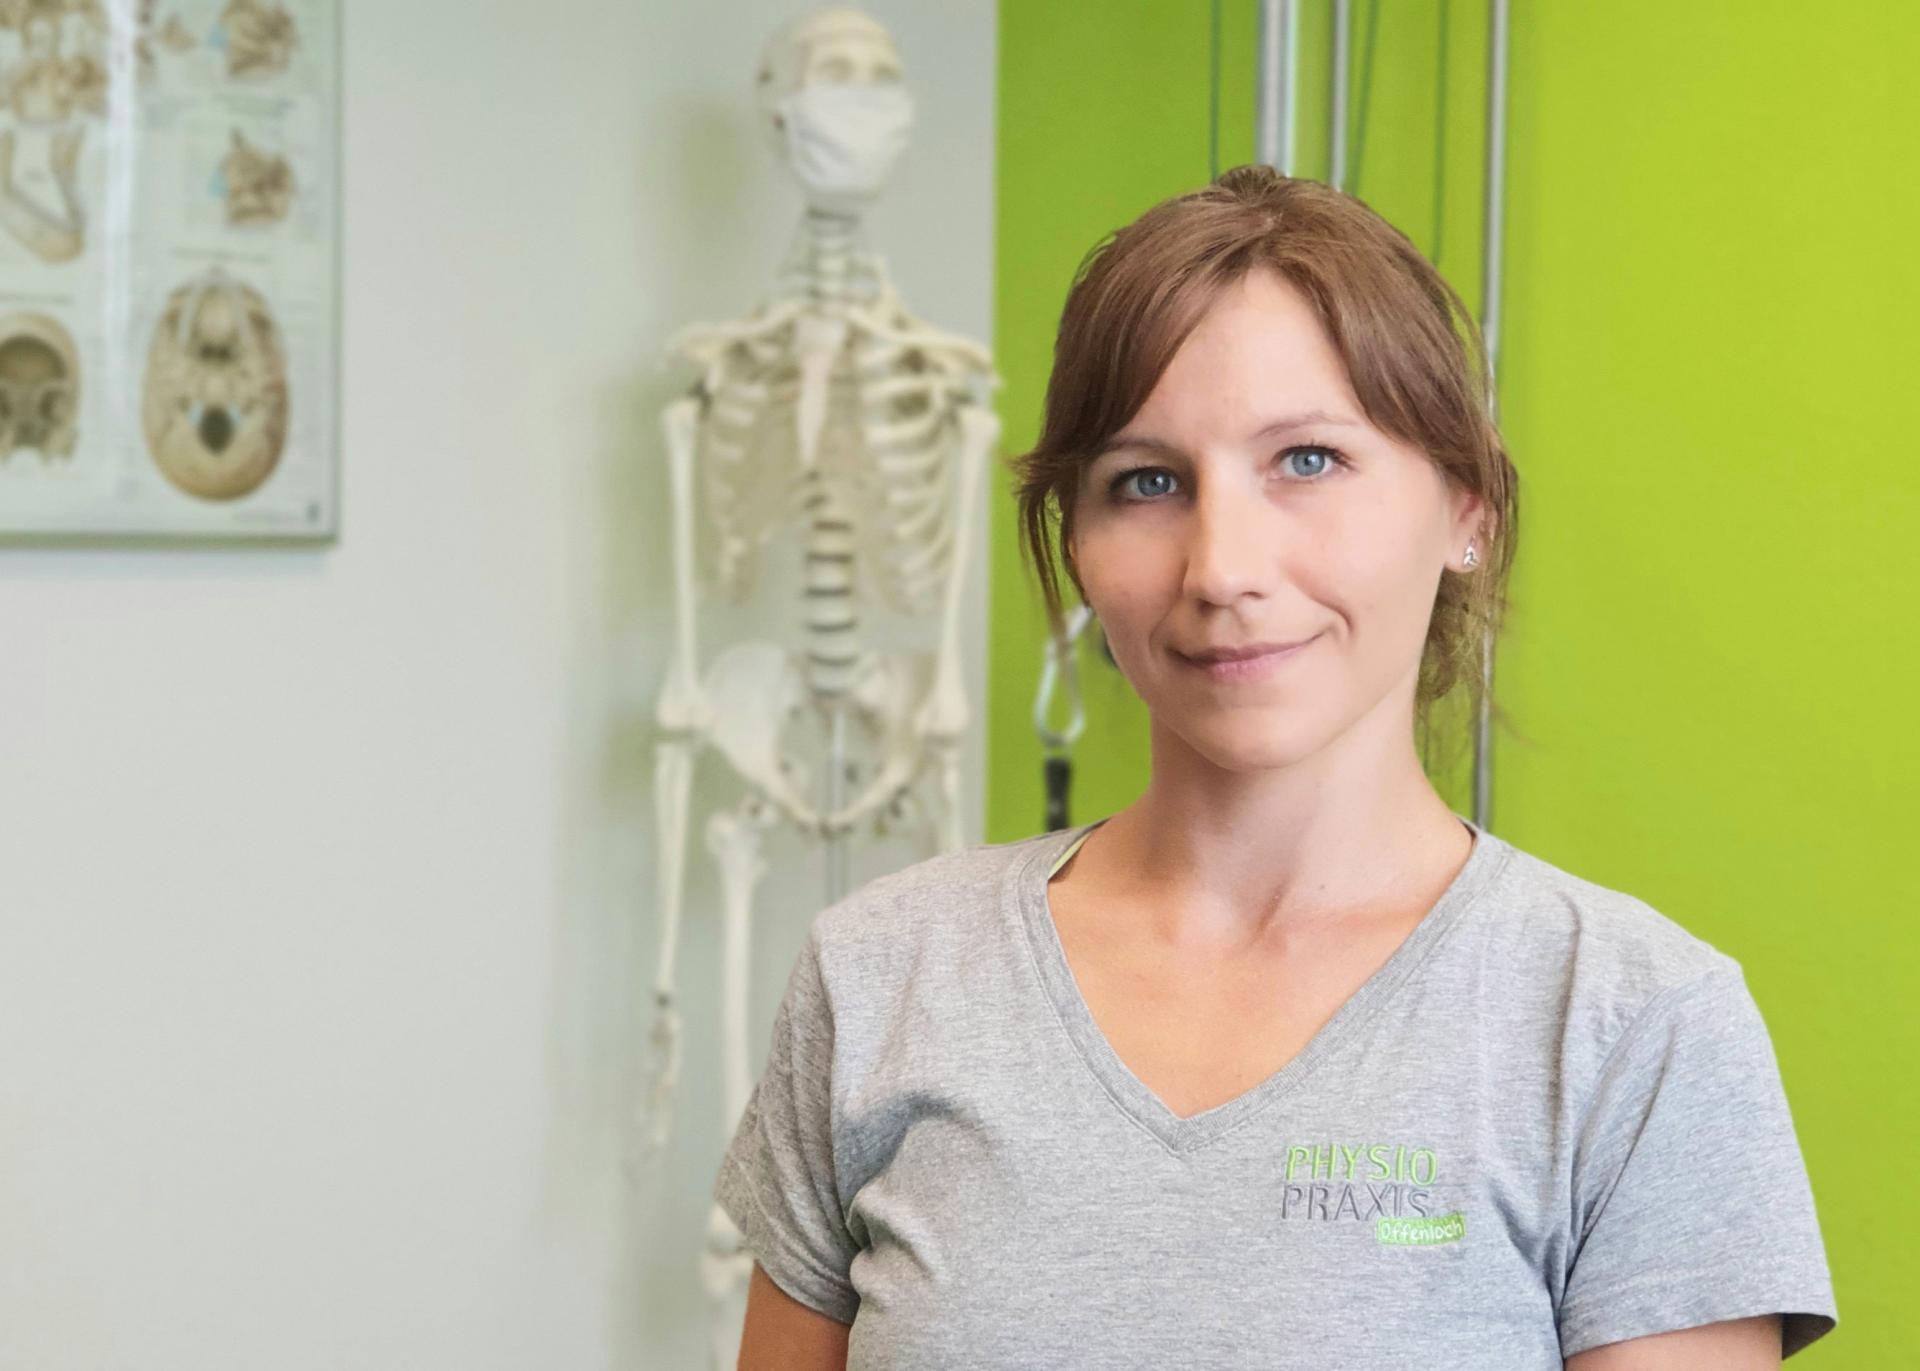 Svenia Leidel